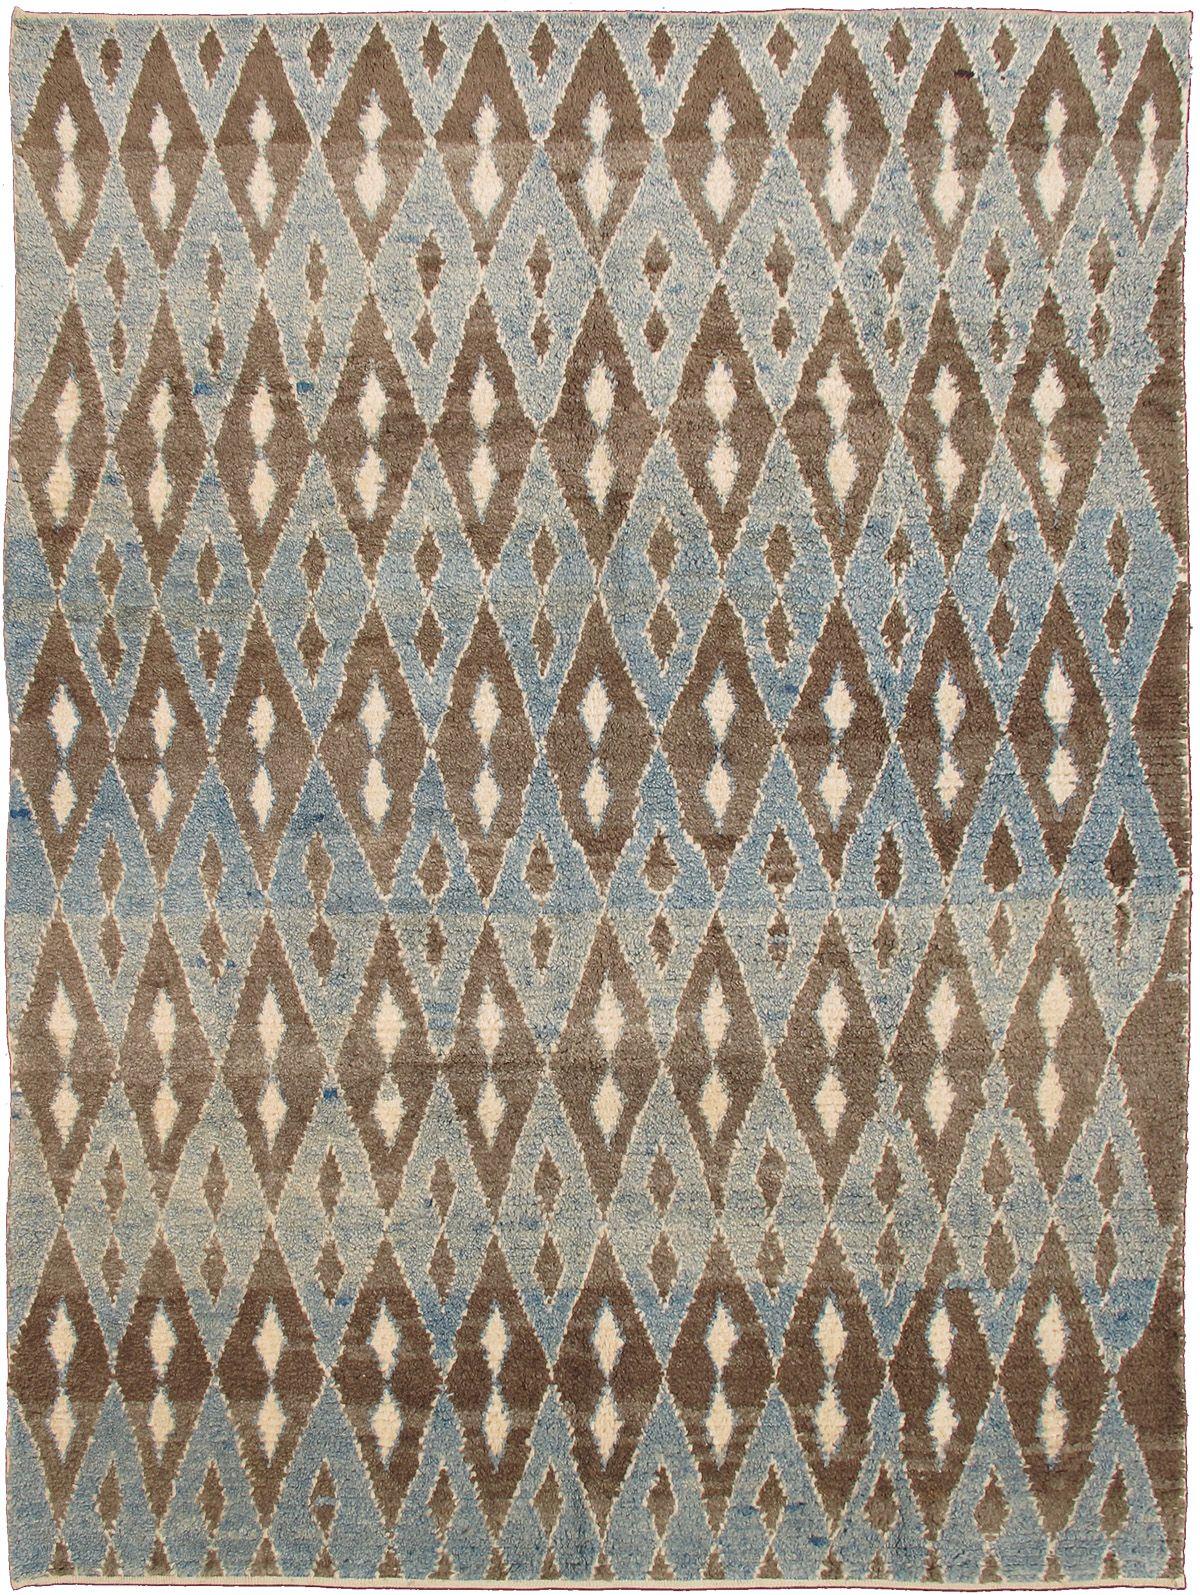 Moroccan Rugs - KEIVAN WOVEN ARTS,